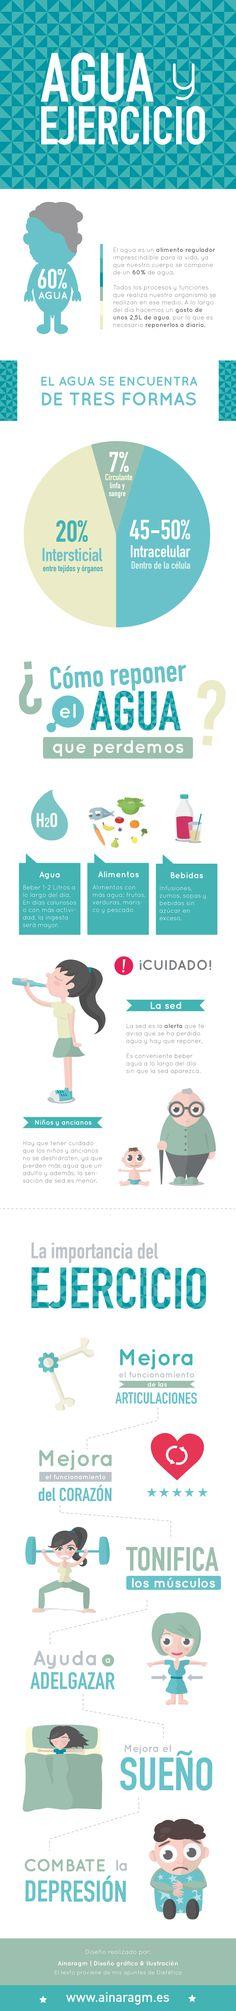 #Infografia sobre la importancia del #agua y el #ejerciciofisico en nuestra vida diaria